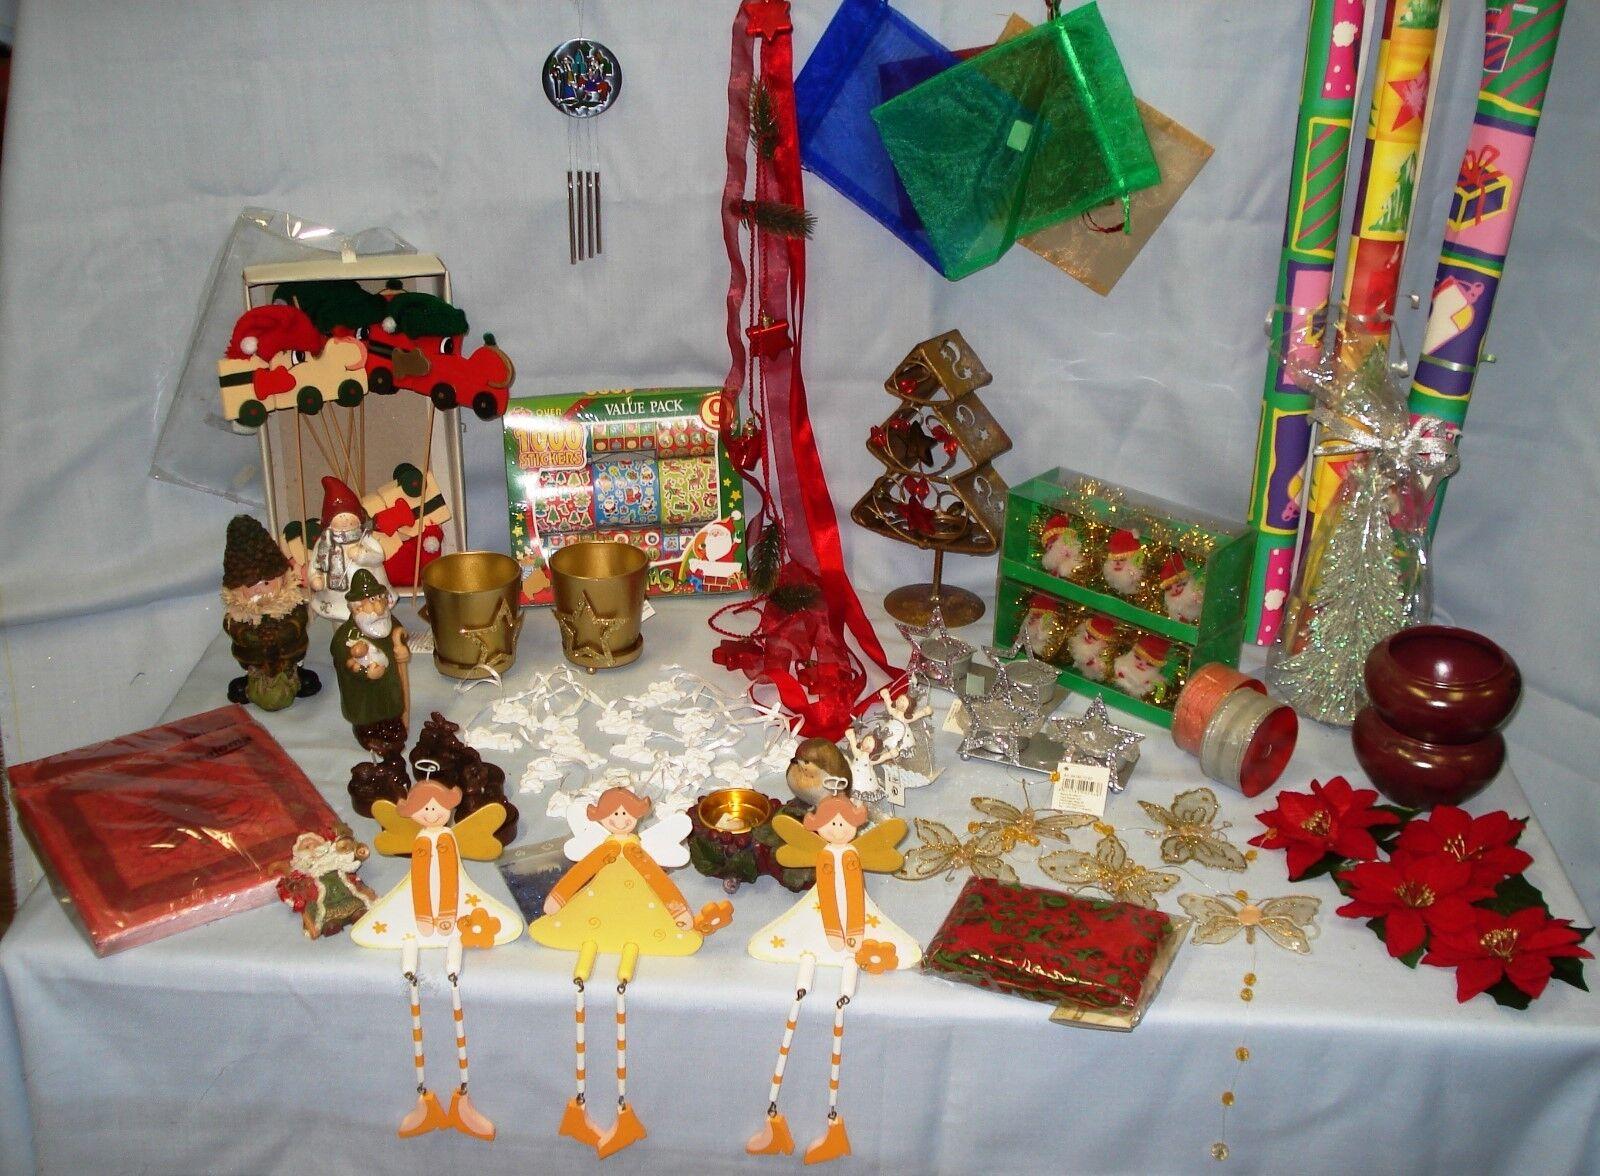 Großes Weihnachts-Paket m. vielen schönen Artikeln,einfach mal reinschauen,Neu 5